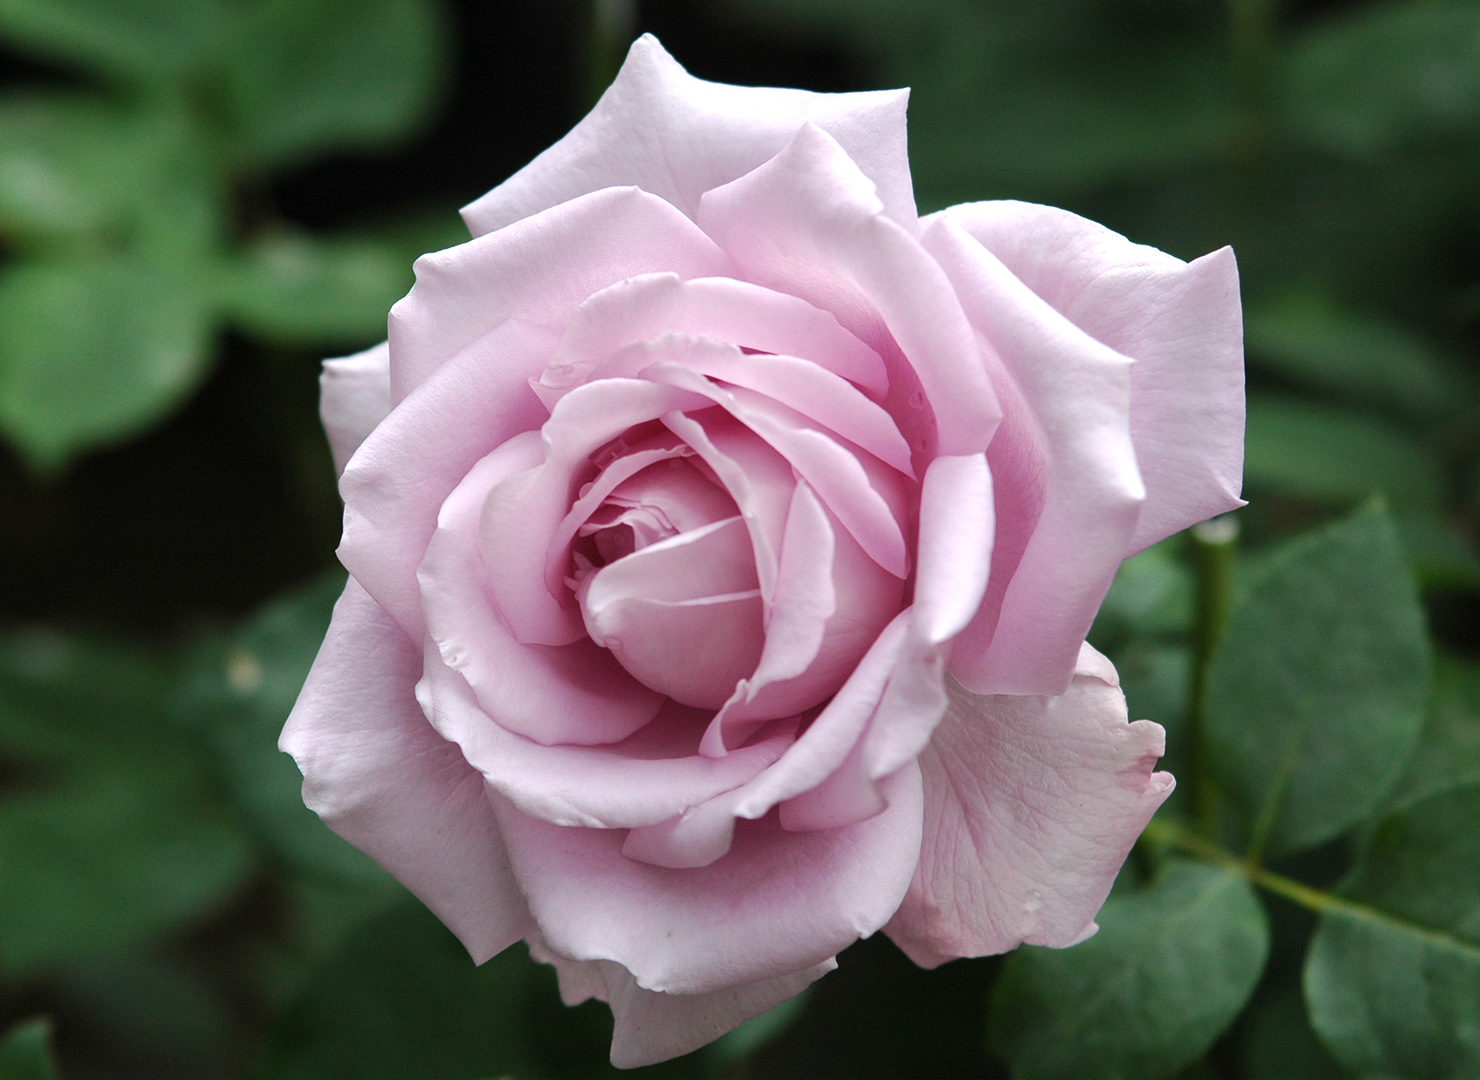 ライラック タイム - Lilac Time